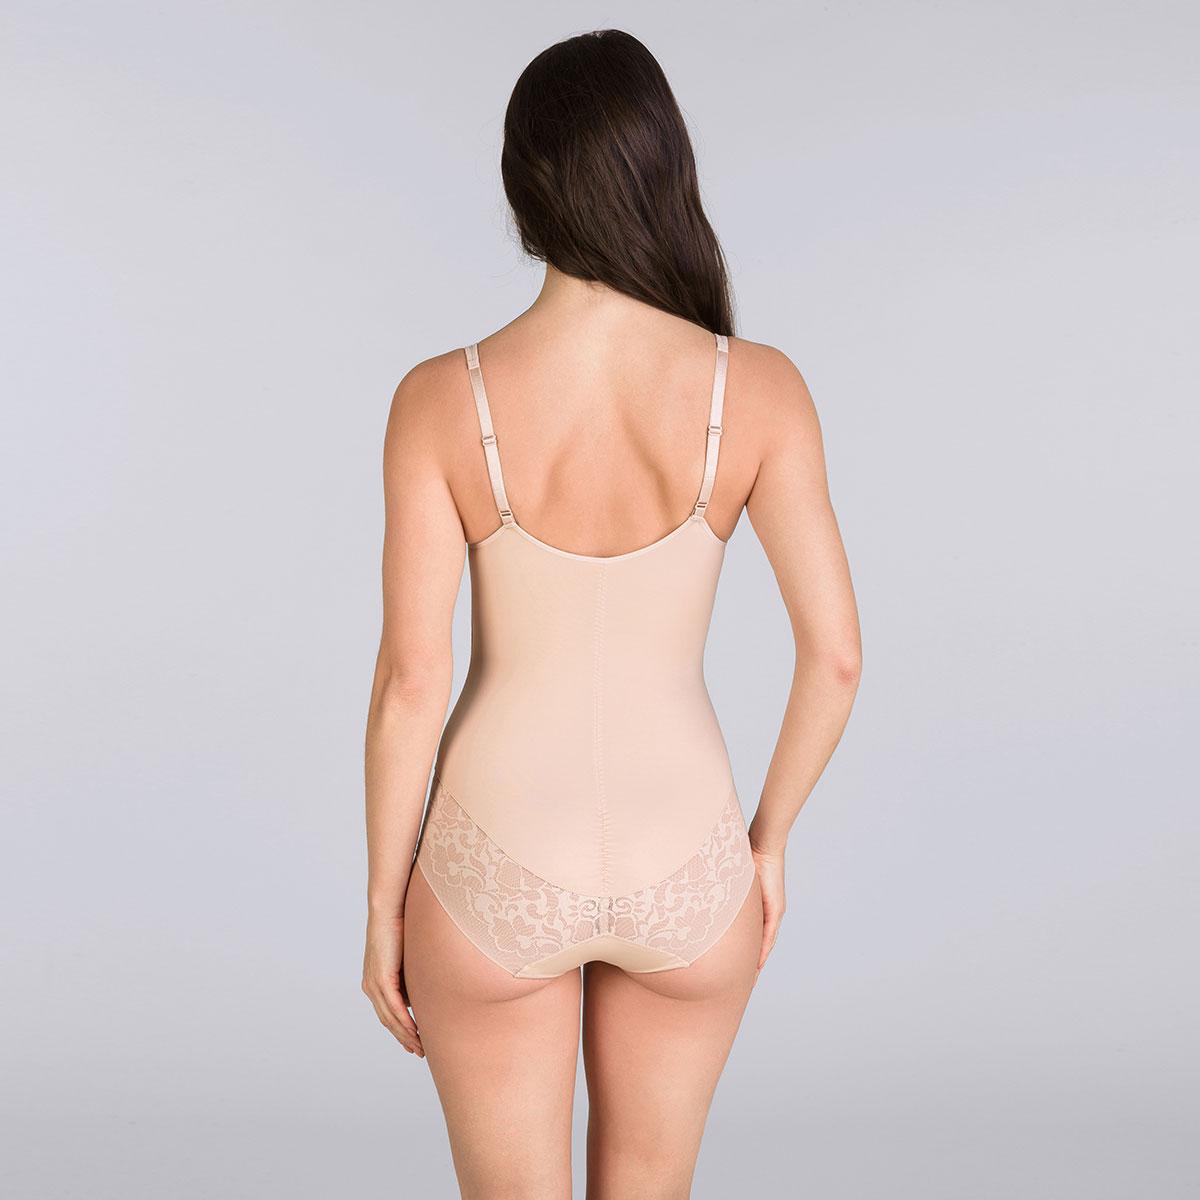 Body beige - Expert in Silhouette-PLAYTEX